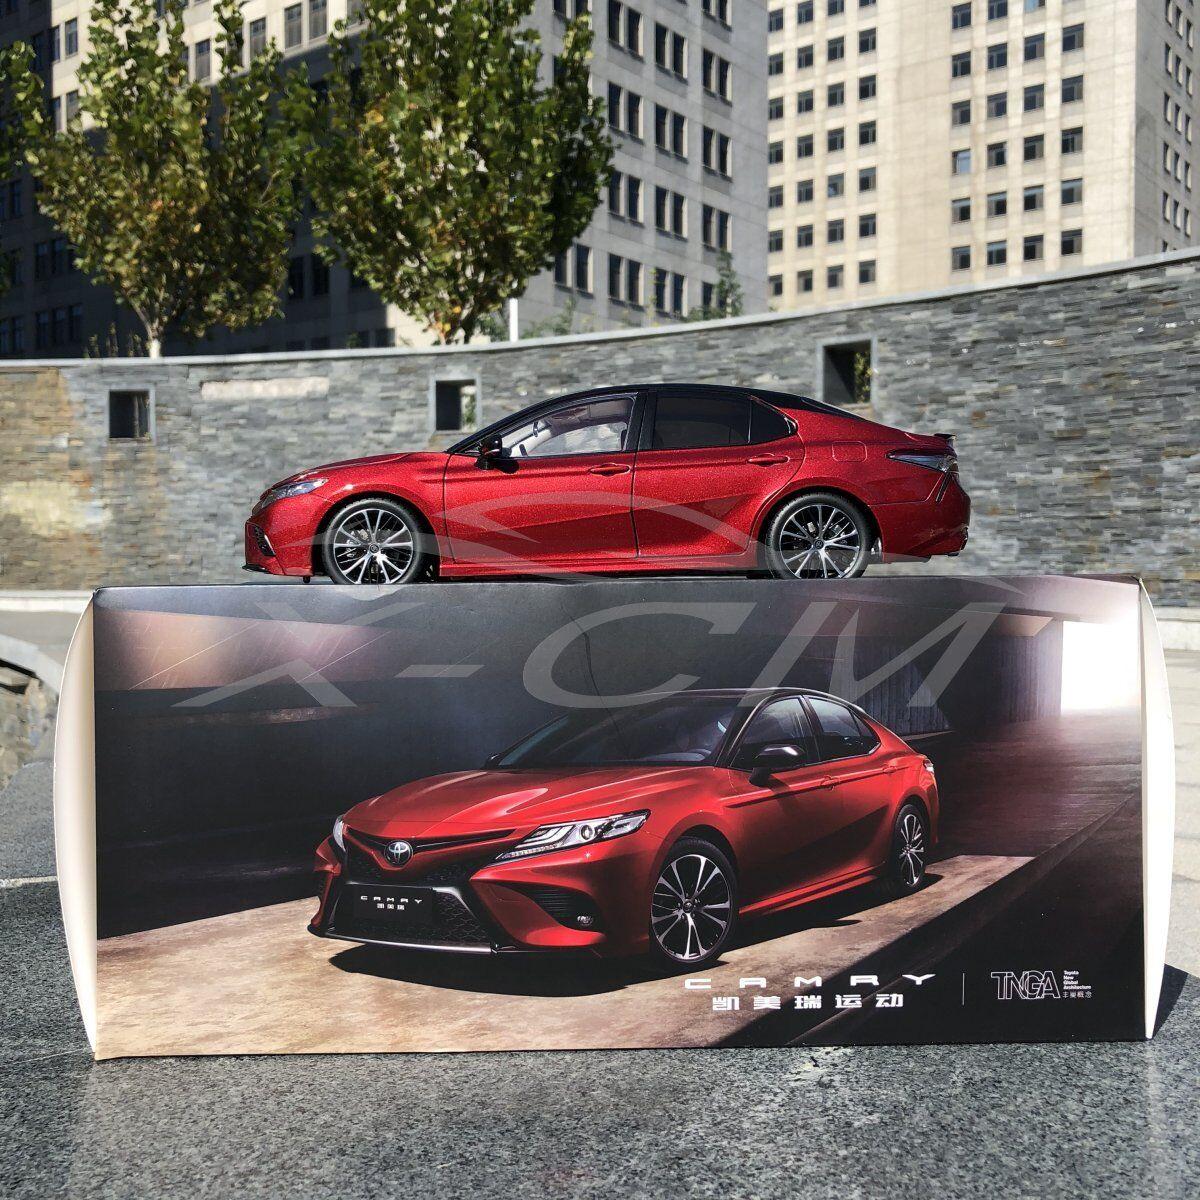 Diecast voiture Model All nouveau Toyota Camry Sport 1  18 (rouge) + GIFT  marchandise de haute qualité et service pratique et honnête